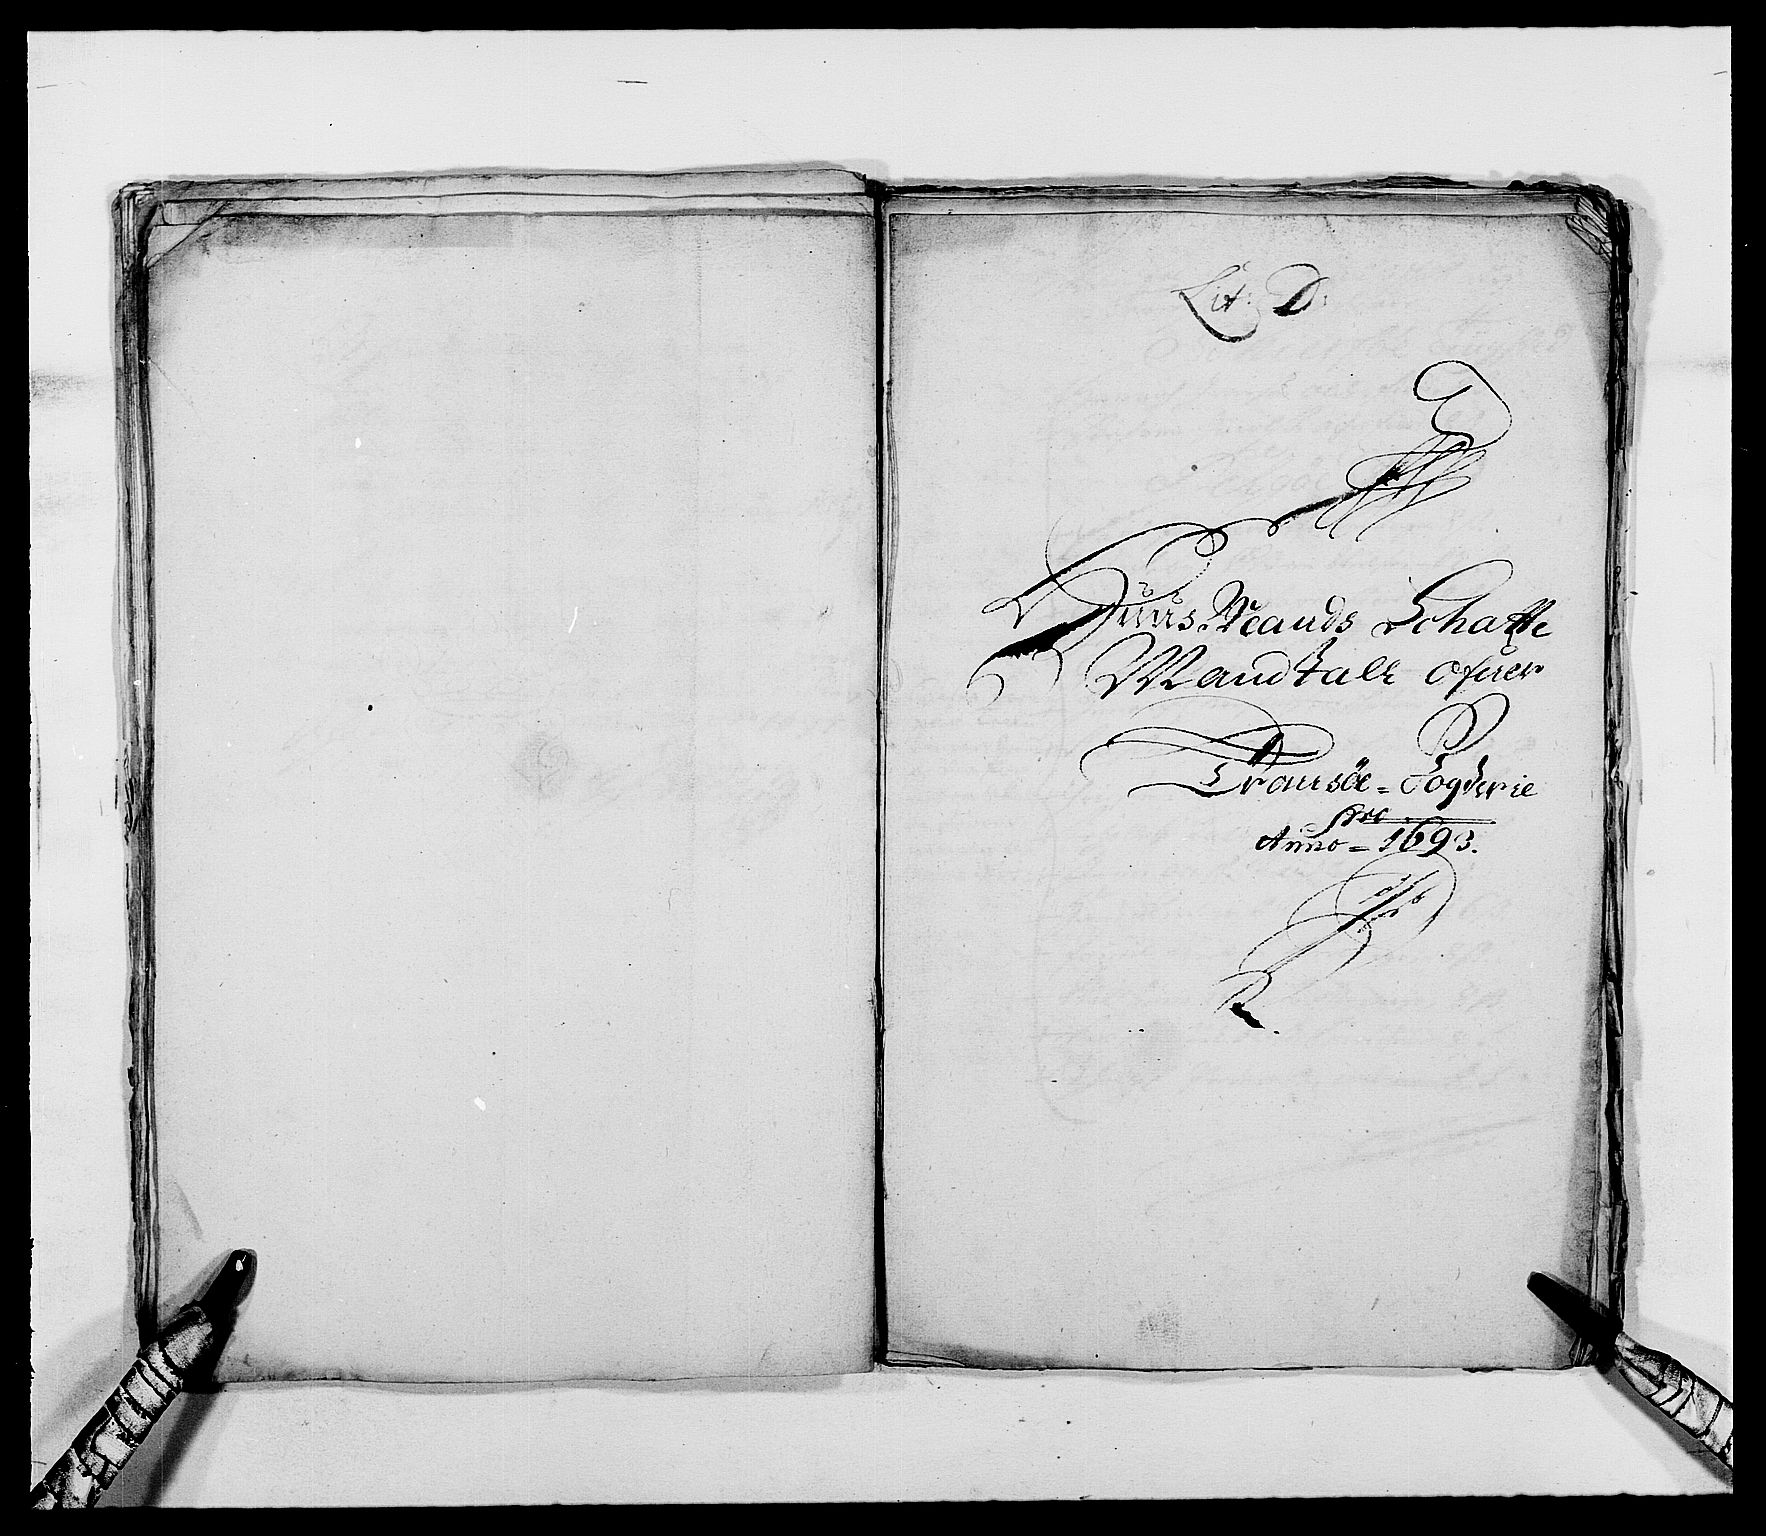 RA, Rentekammeret inntil 1814, Reviderte regnskaper, Fogderegnskap, R68/L4751: Fogderegnskap Senja og Troms, 1690-1693, s. 312